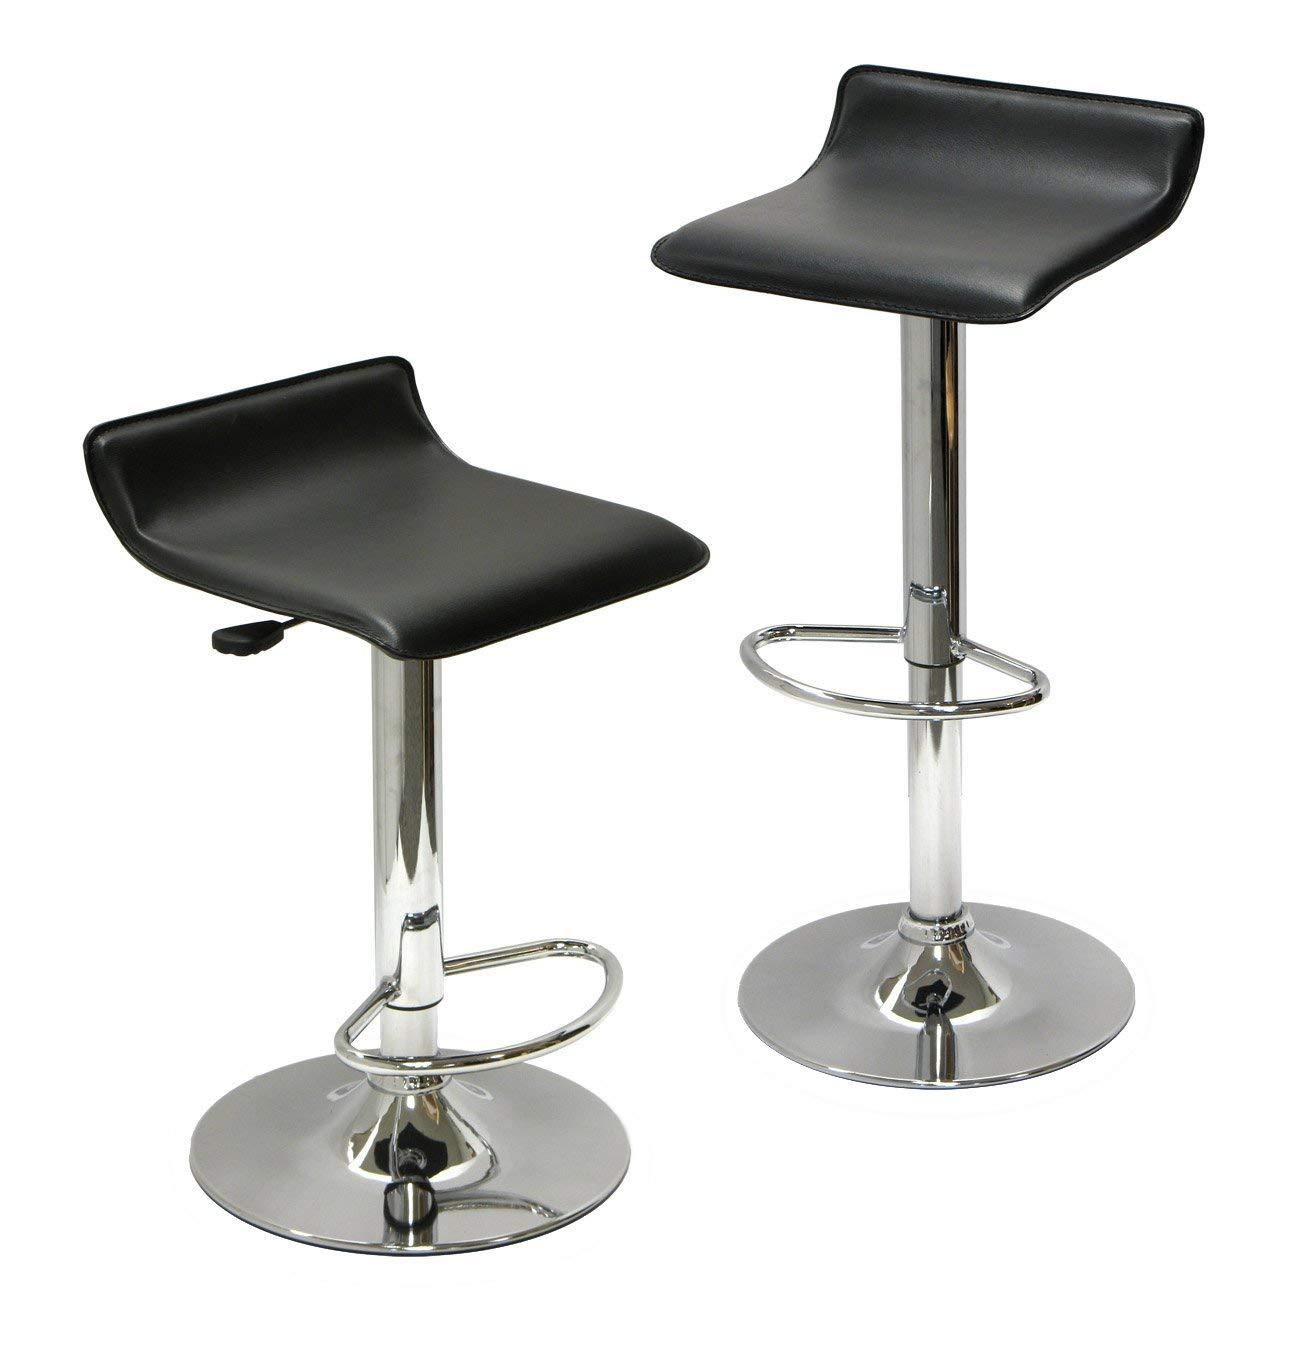 adjustable bar stool amazon.com: winsome wood airlift adjustable stool, set of 2: kitchen & KHLALEM